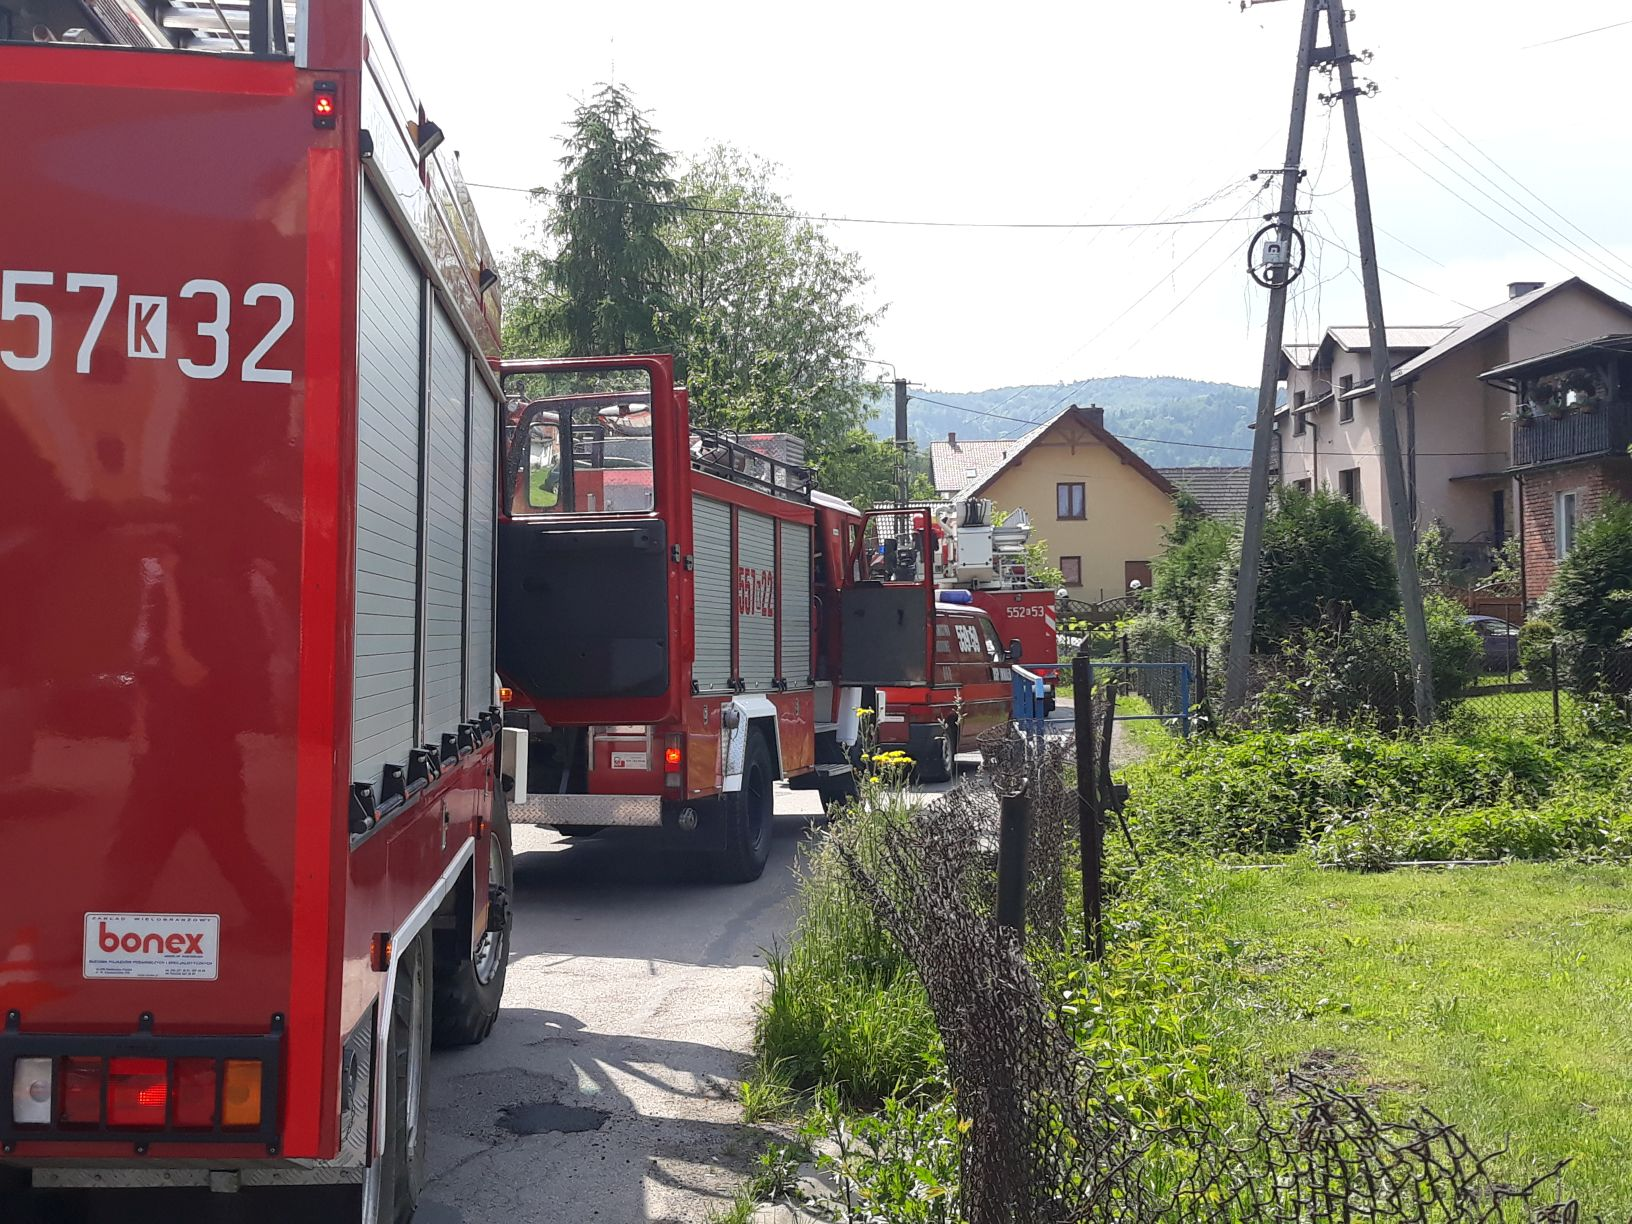 Pożar w budynku, strażacy ewakuowali mieszkankę